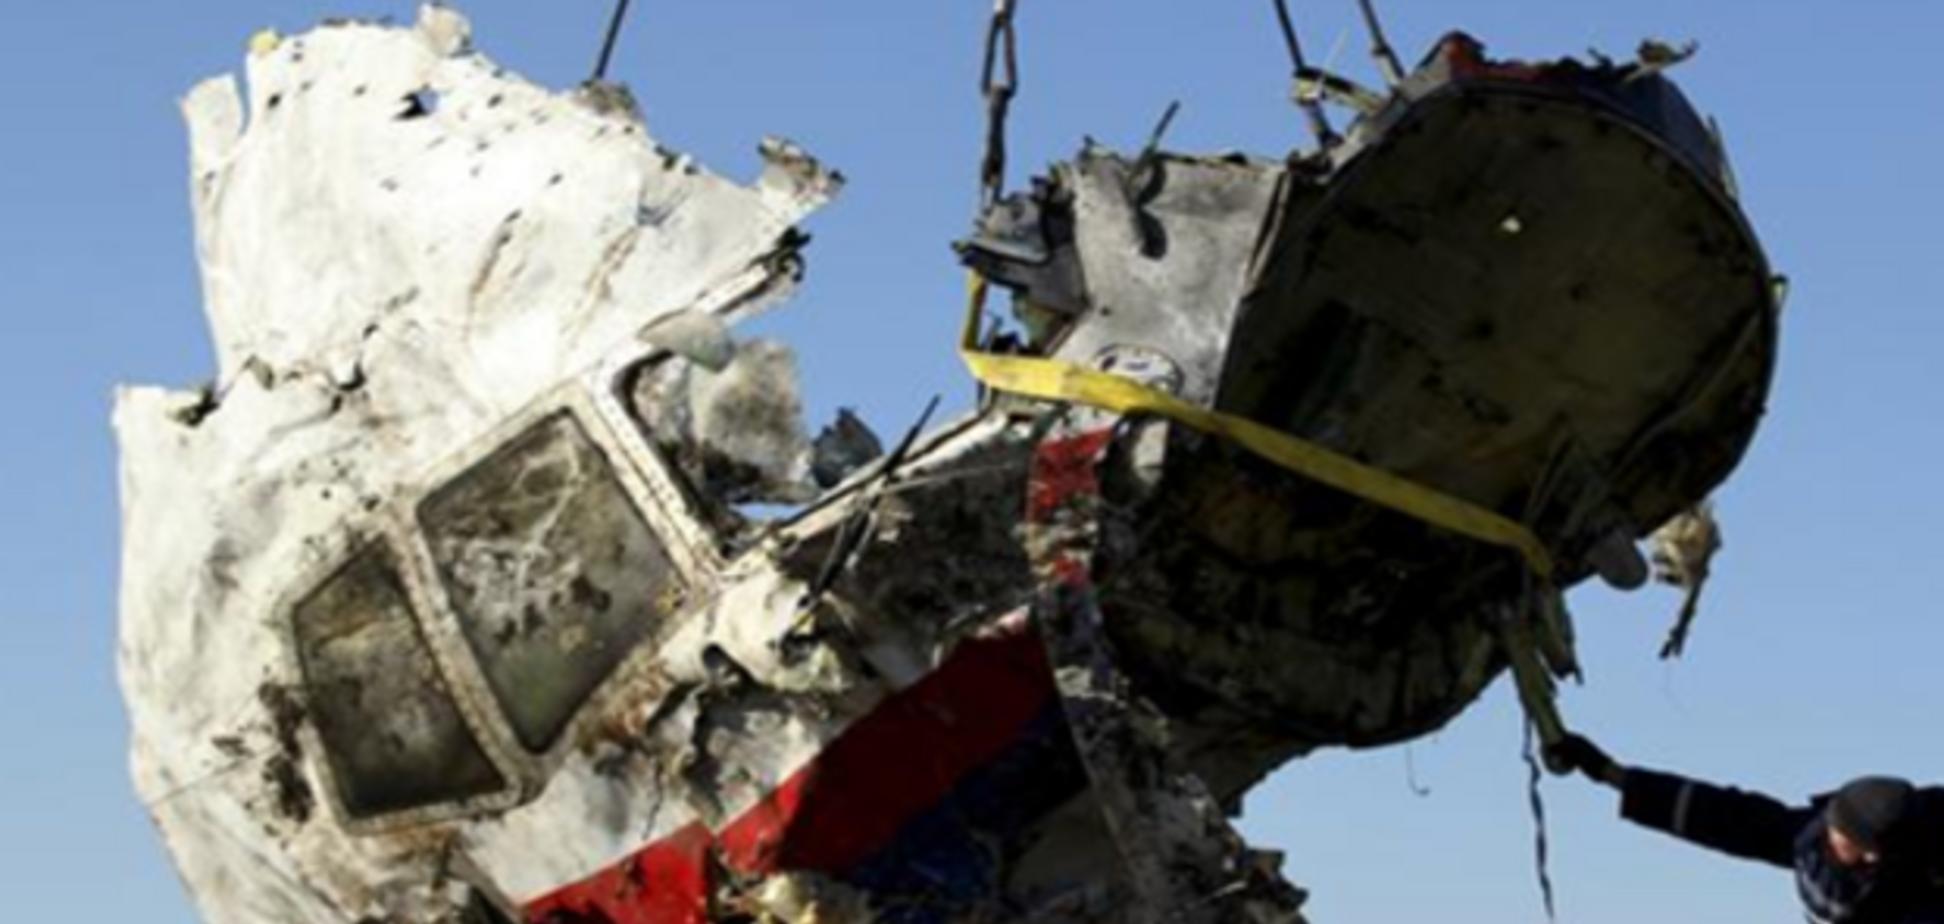 'Це був БУК-М1': у ЗМІ потрапив звіт російських інженерів з MH17